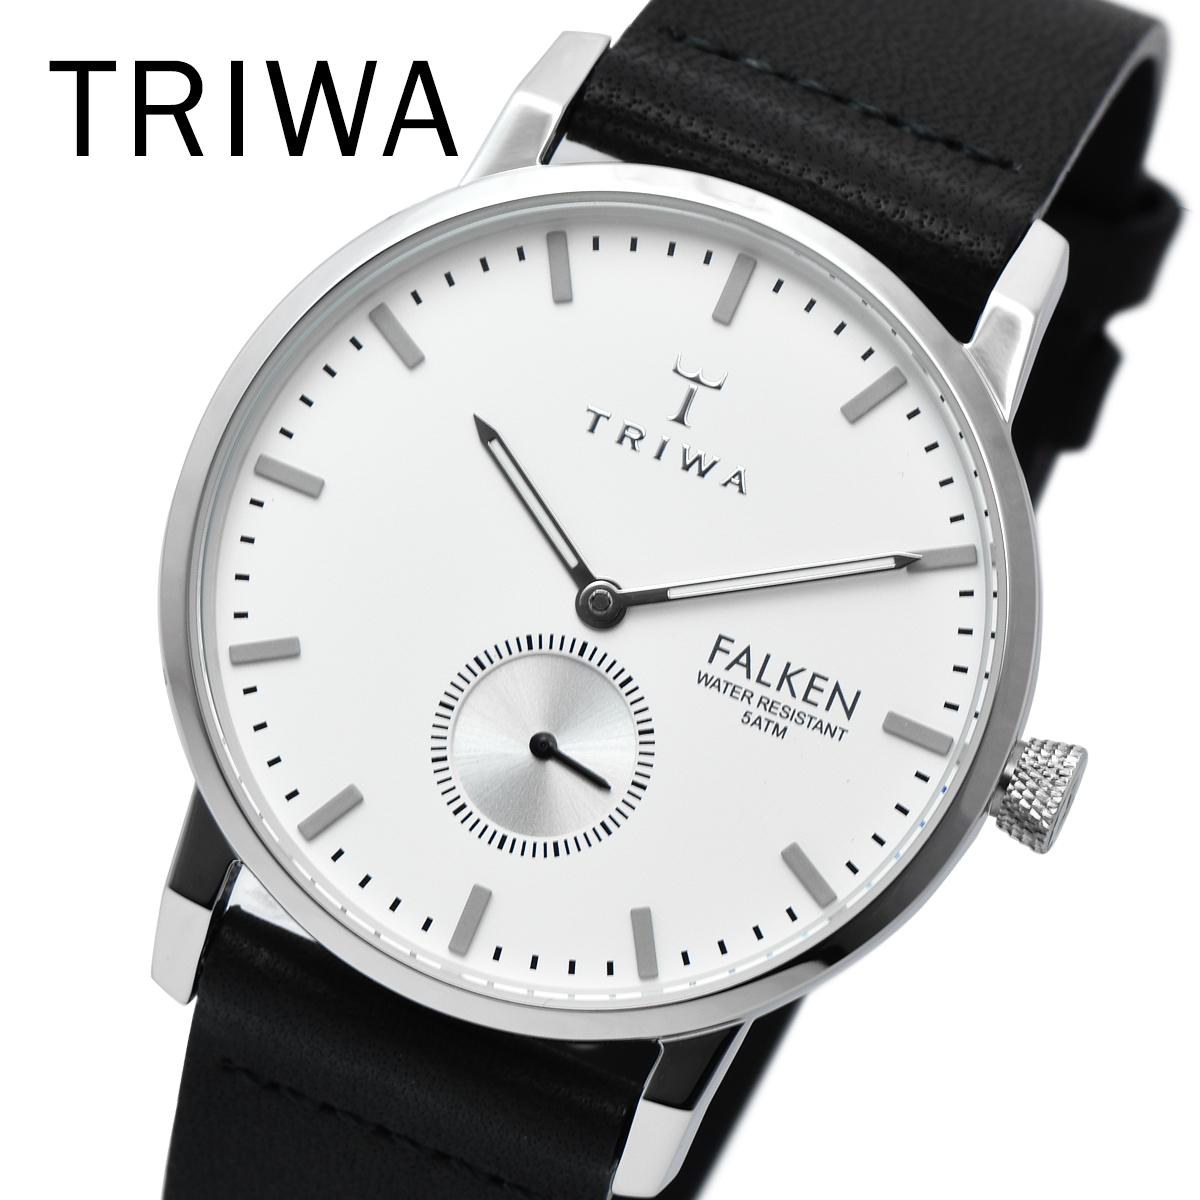 【全品送料無料】 TRIWA トリワ FAST103 CL010112 IVORY FALKEN BLACK メンズ レディース ユニセックス 時計 腕時計 プレゼント 贈り物 ギフト 彼氏 フォーマル カジュアル ペアウォッチ 北欧[あす楽]